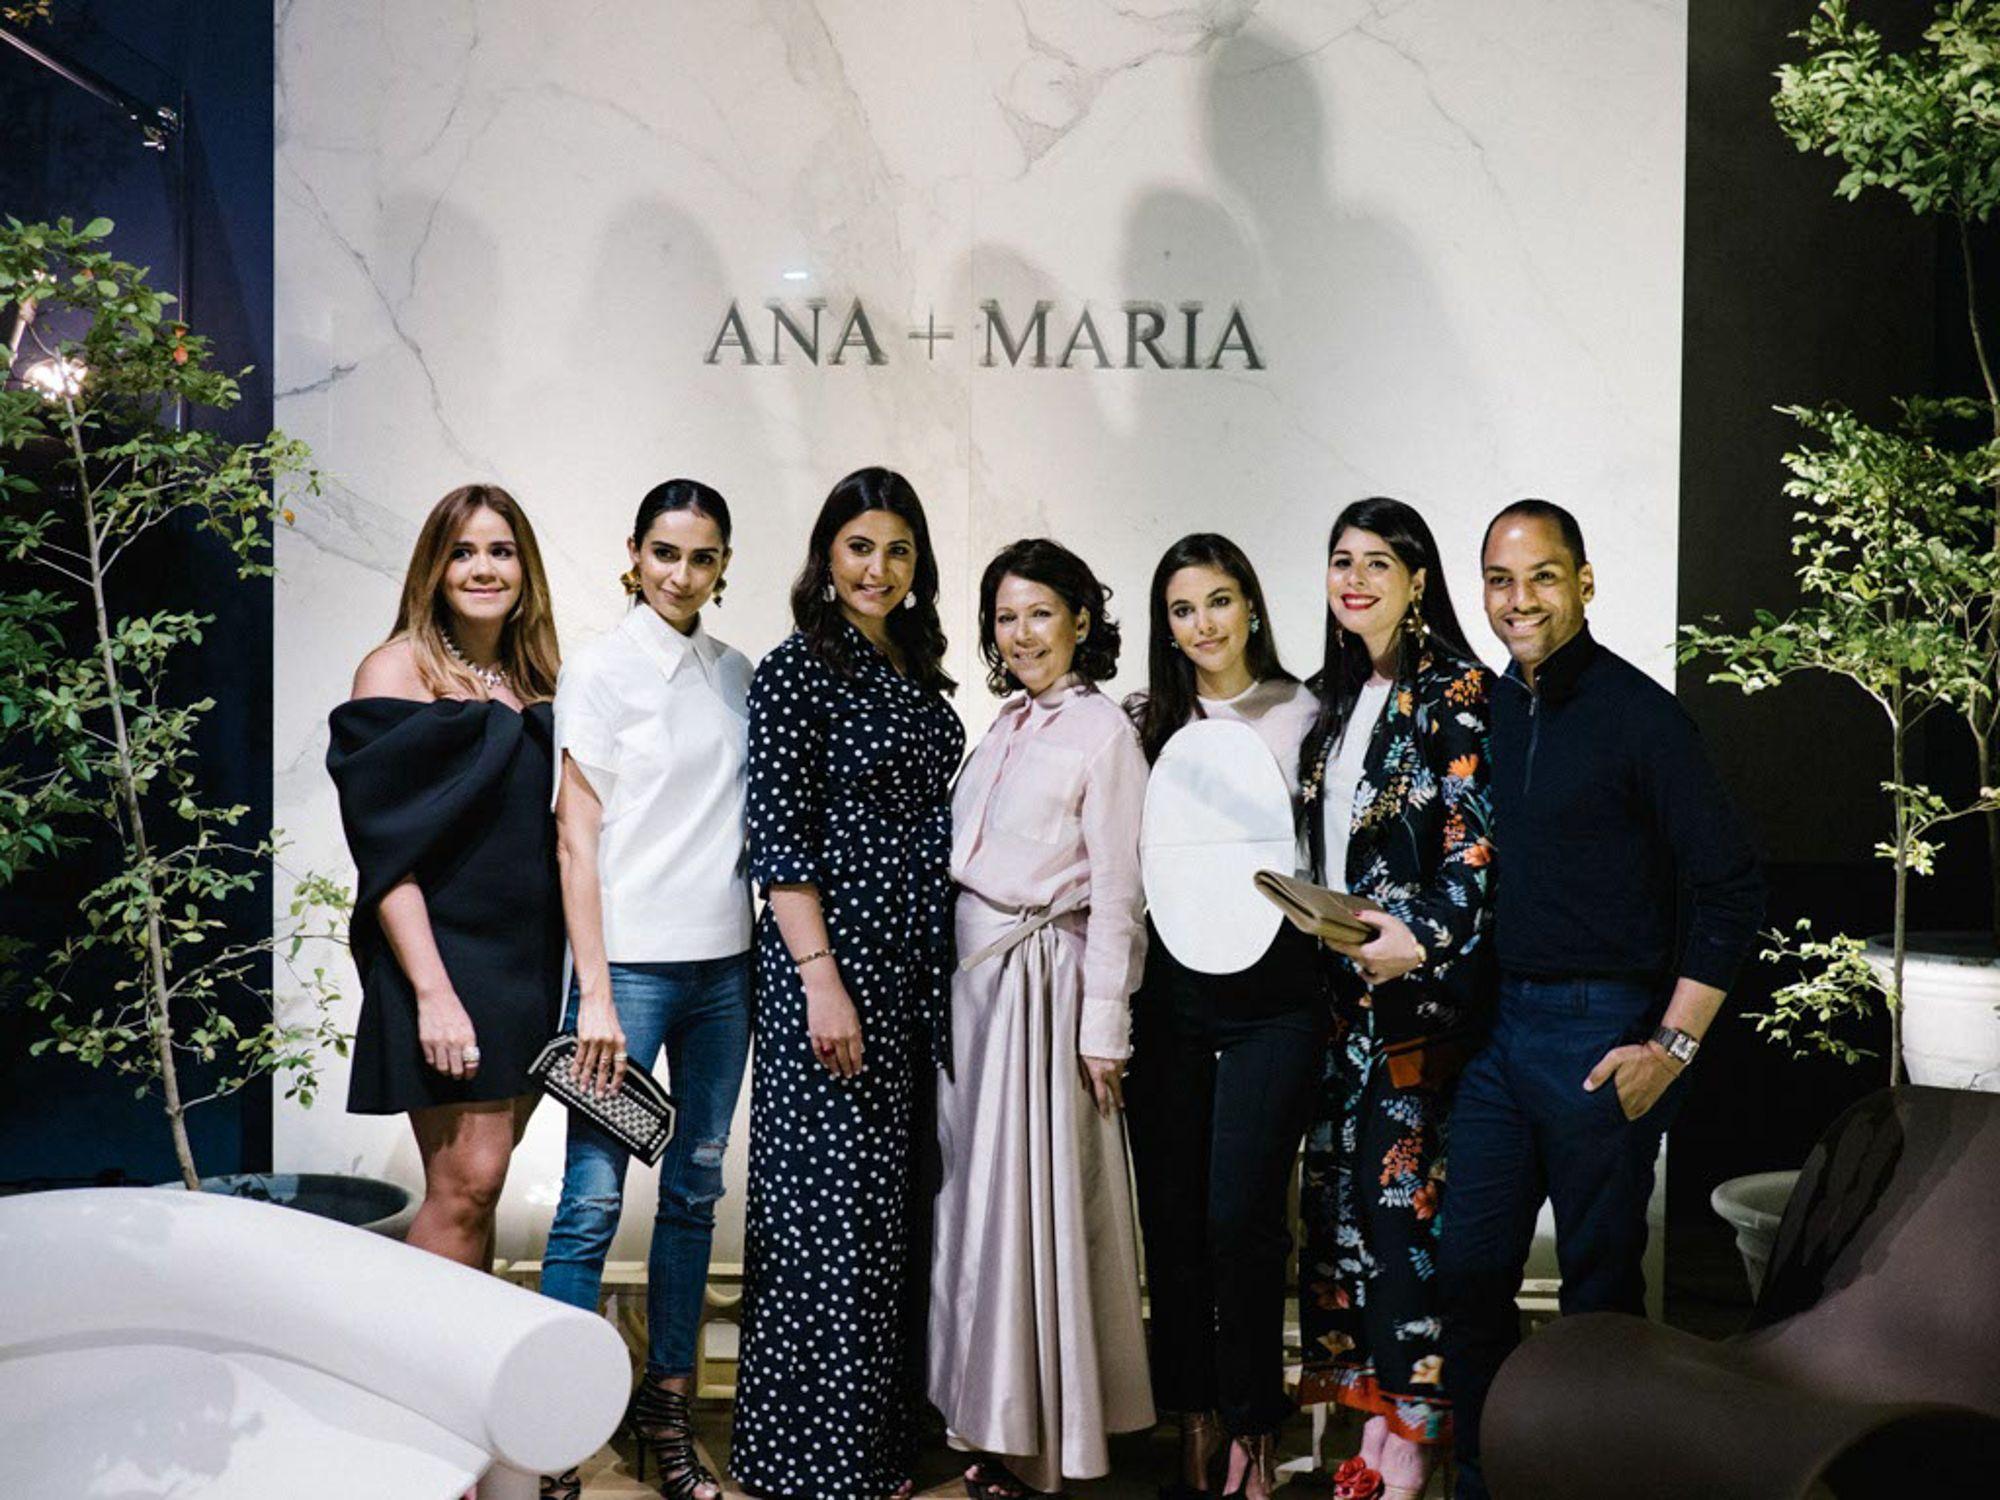 Ana+María colección Primavera-Verano 2017